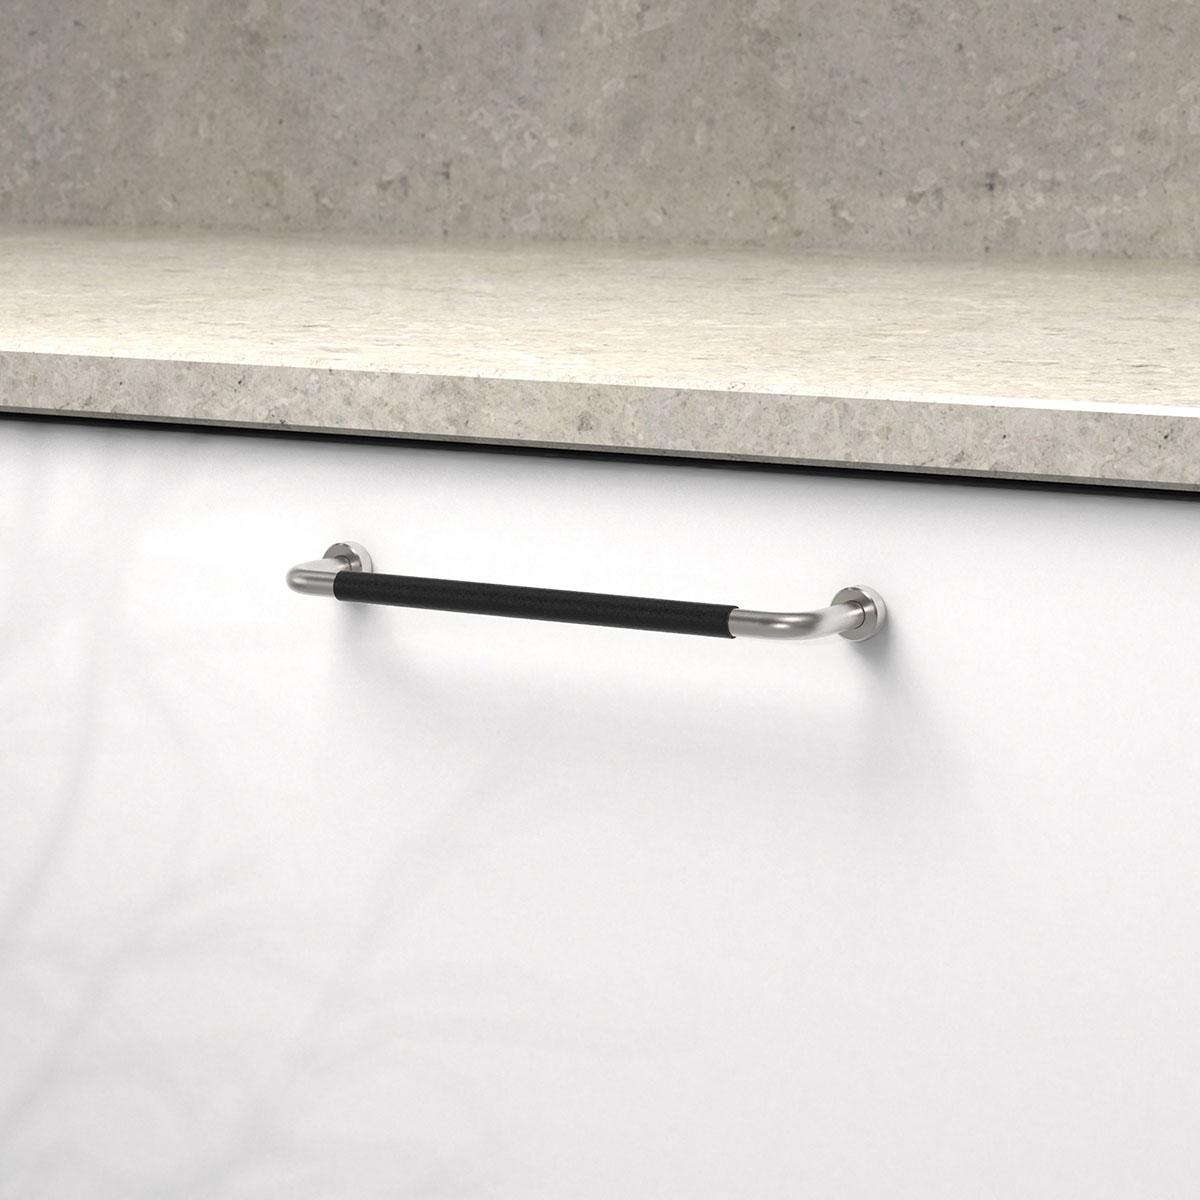 Handtag lounge rostfritt ladersvept svart 370106 11 cc 160 mm ncs s 0300 n kalksten